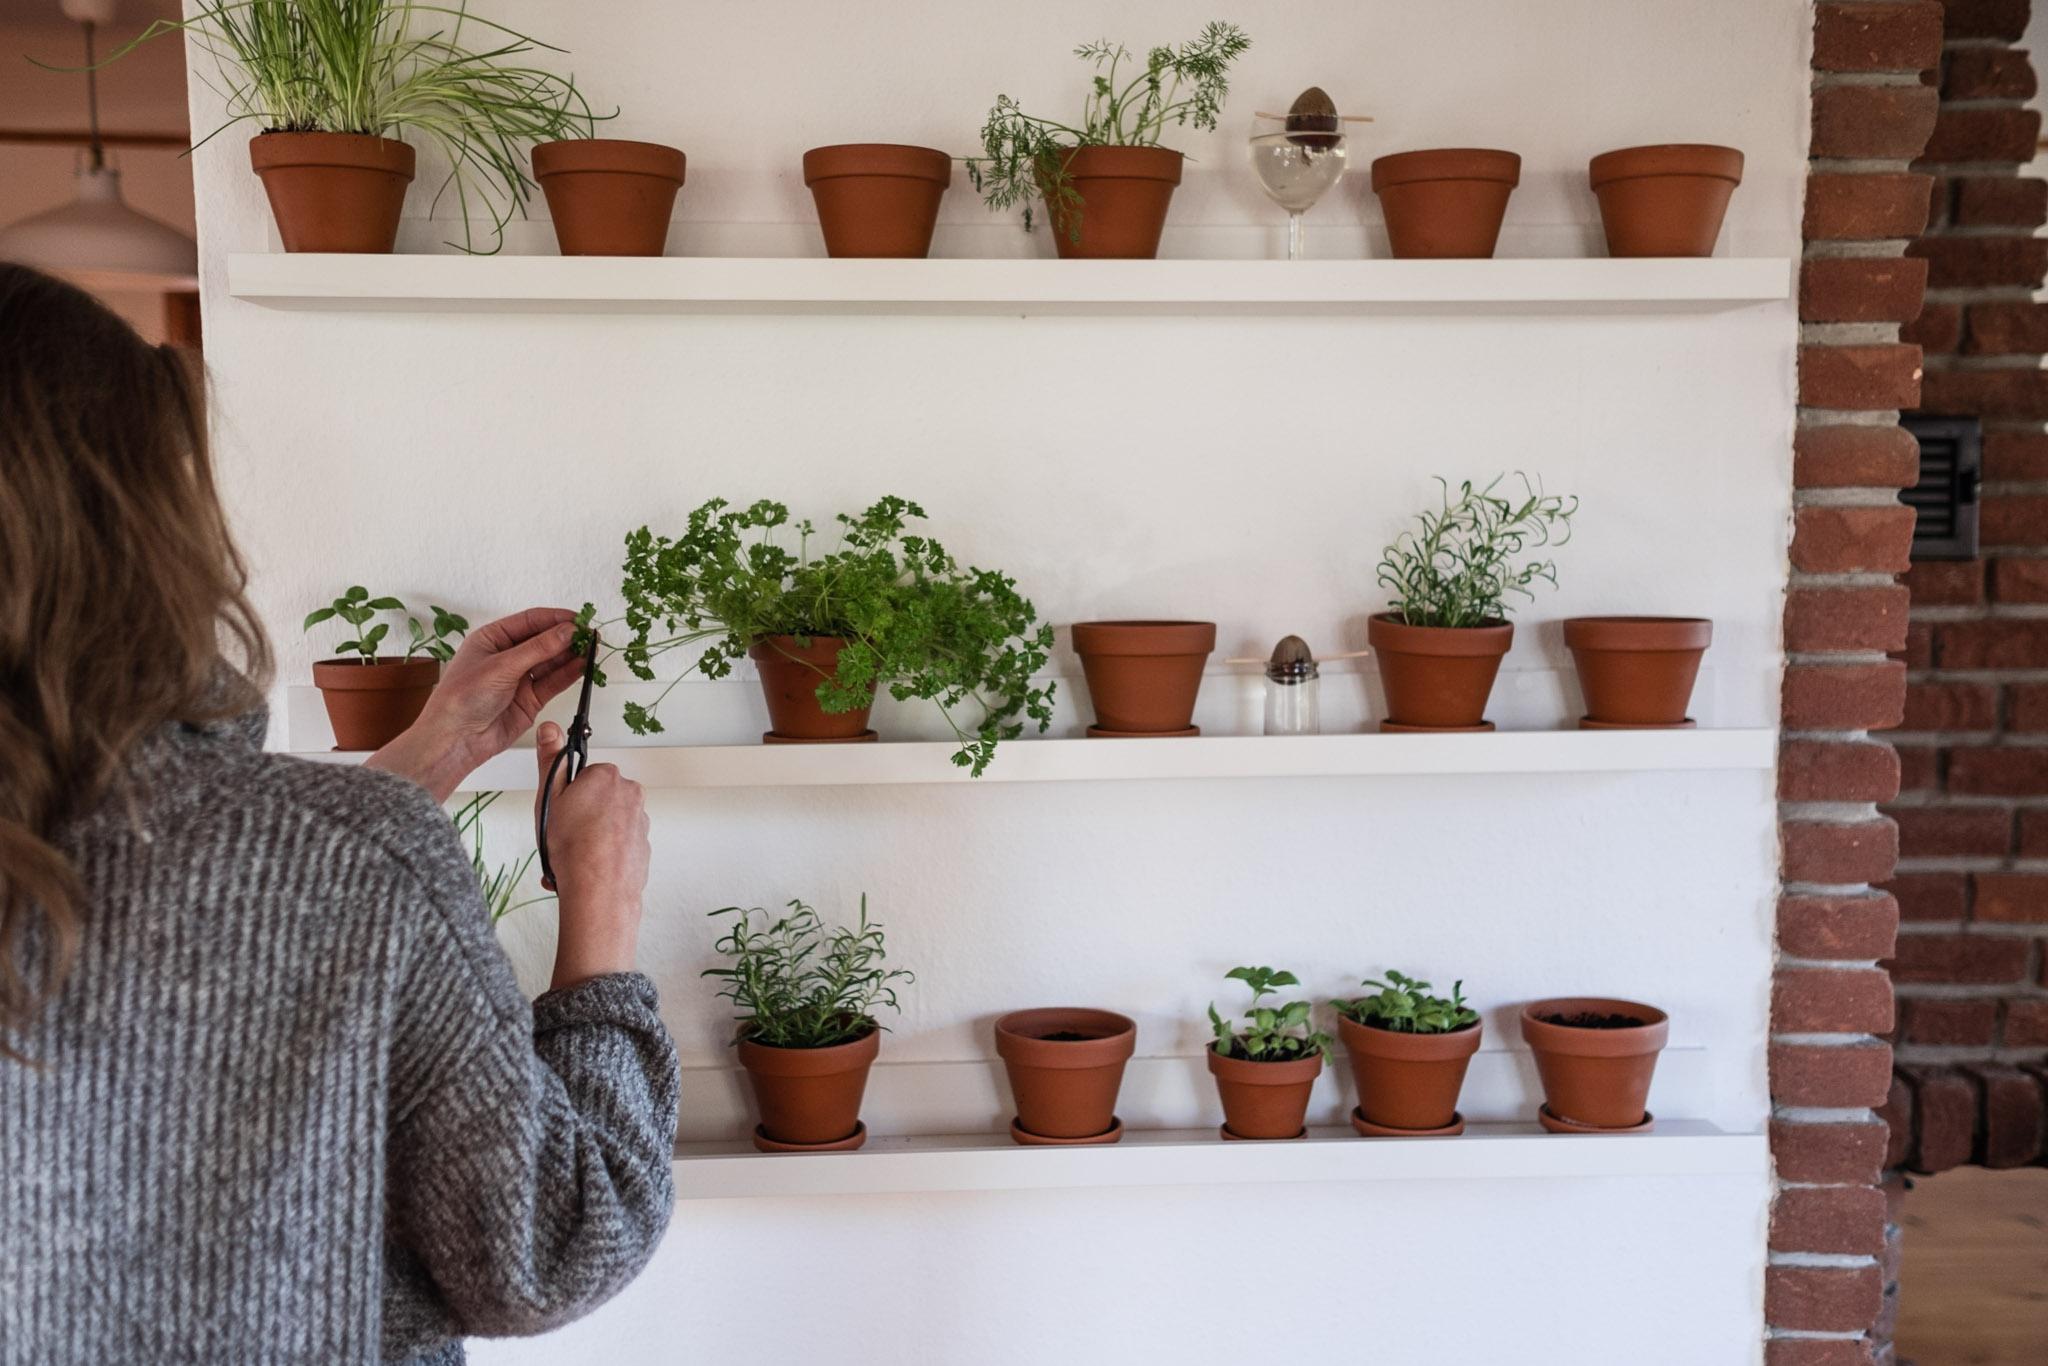 ... Gegenüberliegende Kahle Wand Bis Zu Den Feiertagen Gestaltet Werden  Kann, Kam Der Berühmte U201eAha Effektu201c Und Die Idee Für Ein  Kräuter/Gemüseregal, ...